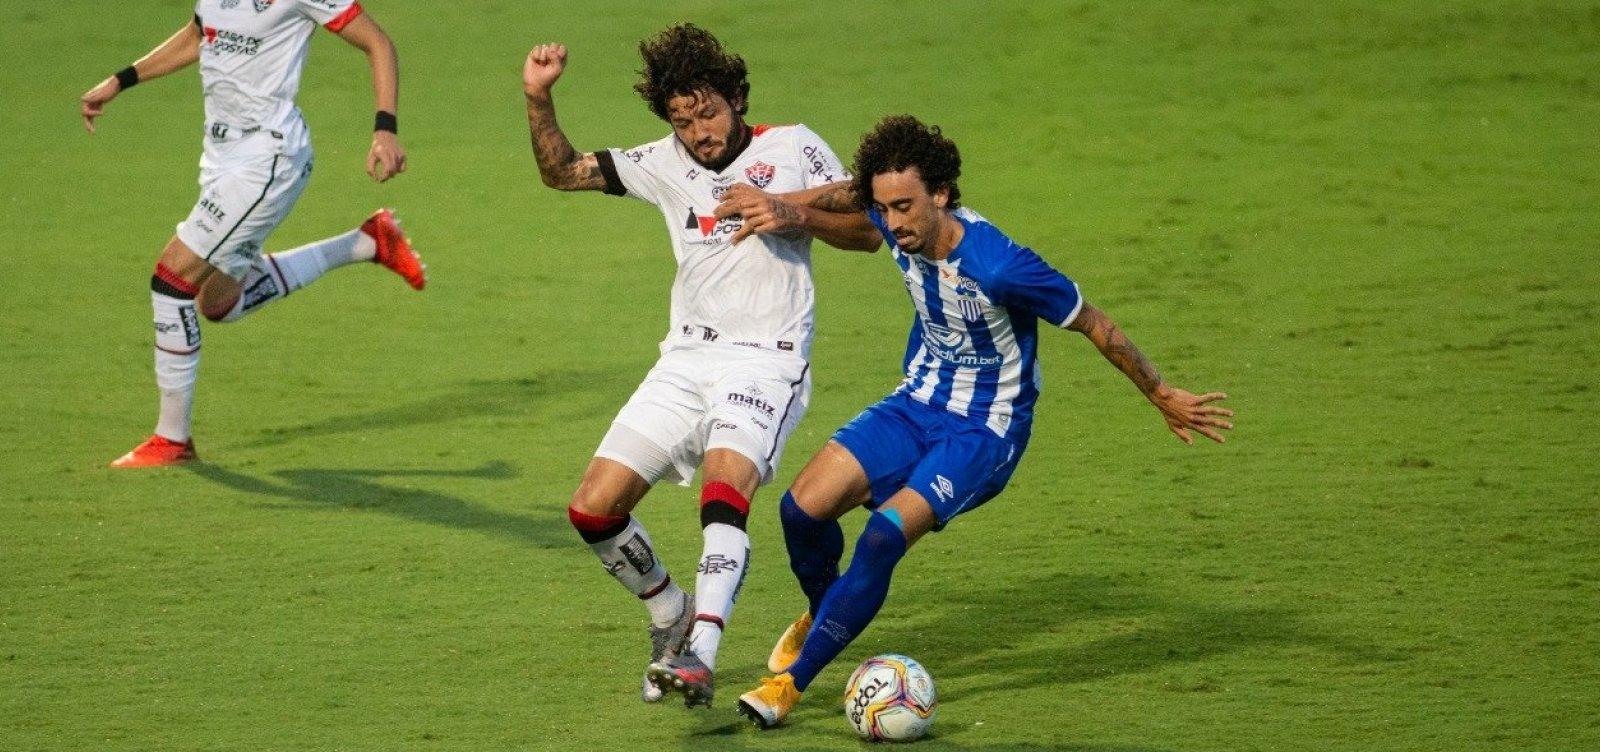 Vitória arranca empate com o Avaí fora de casa na Série B